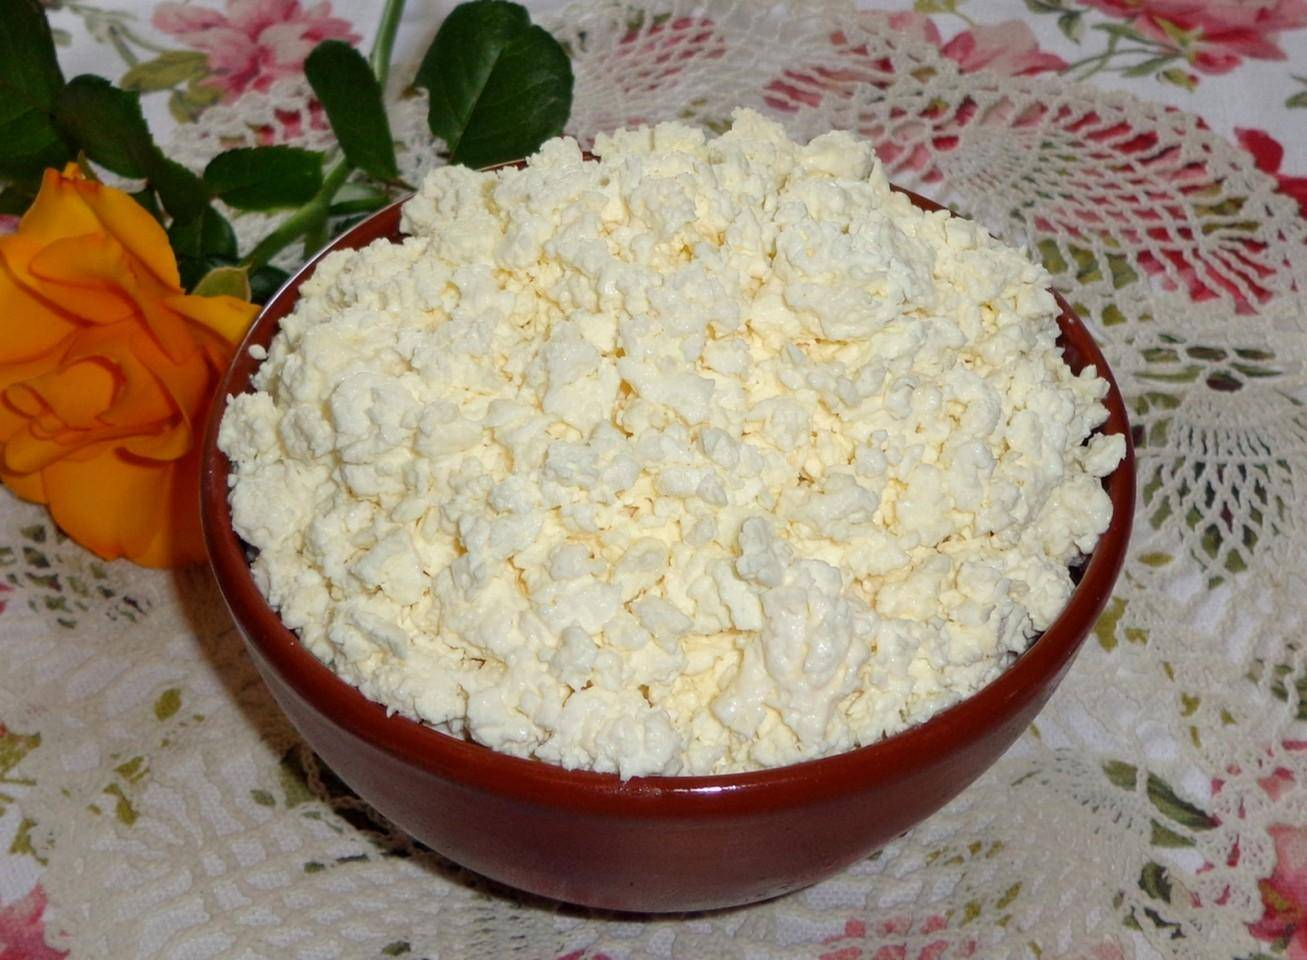 Творог в домашних условиях из молока – проверенные способы приготовления вкусного кисломолочного продукта